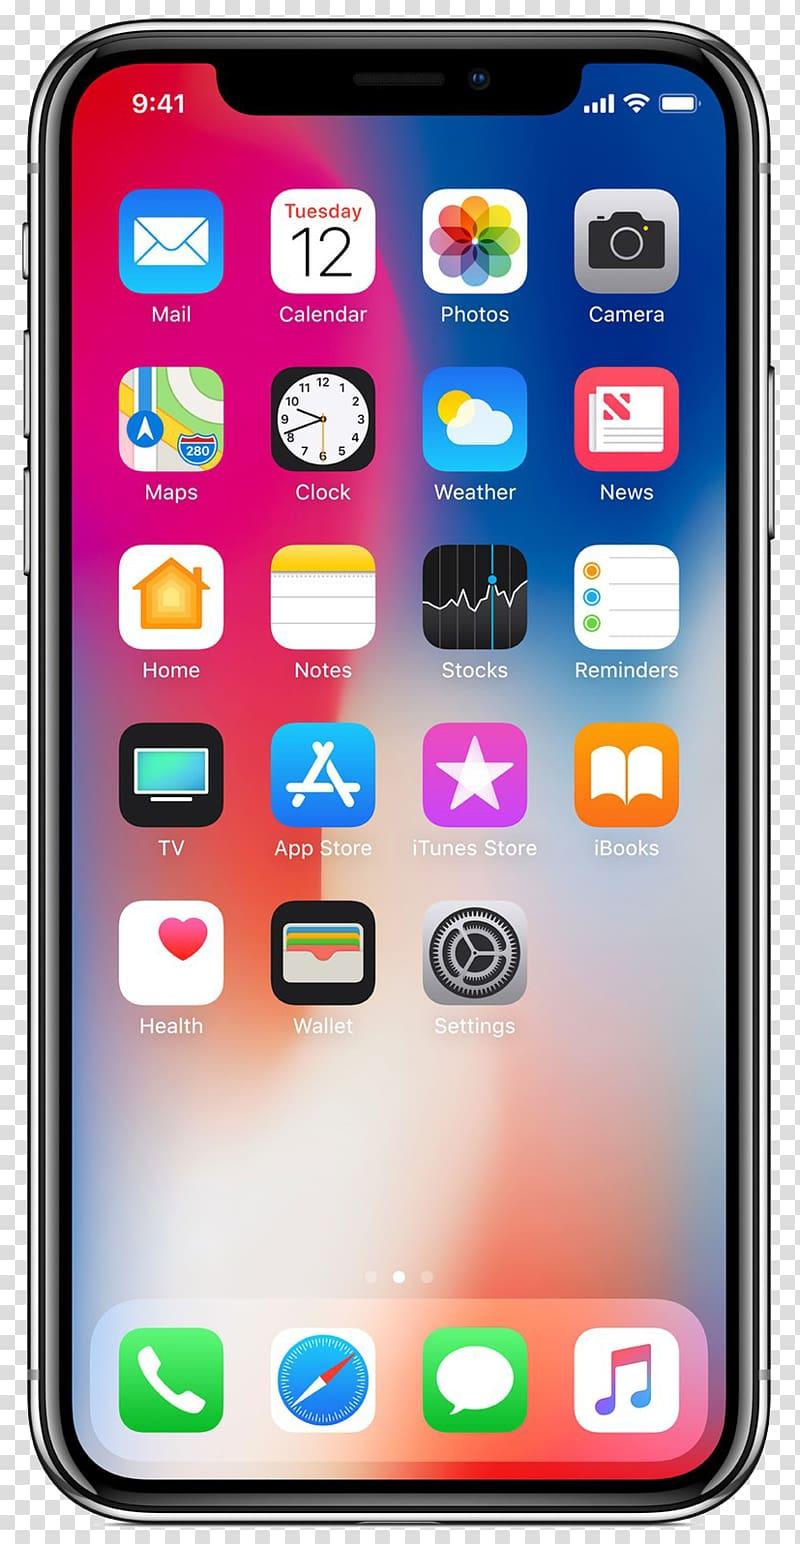 IPhone X IPhone 8 Plus iPhone 7, apple iphone transparent.